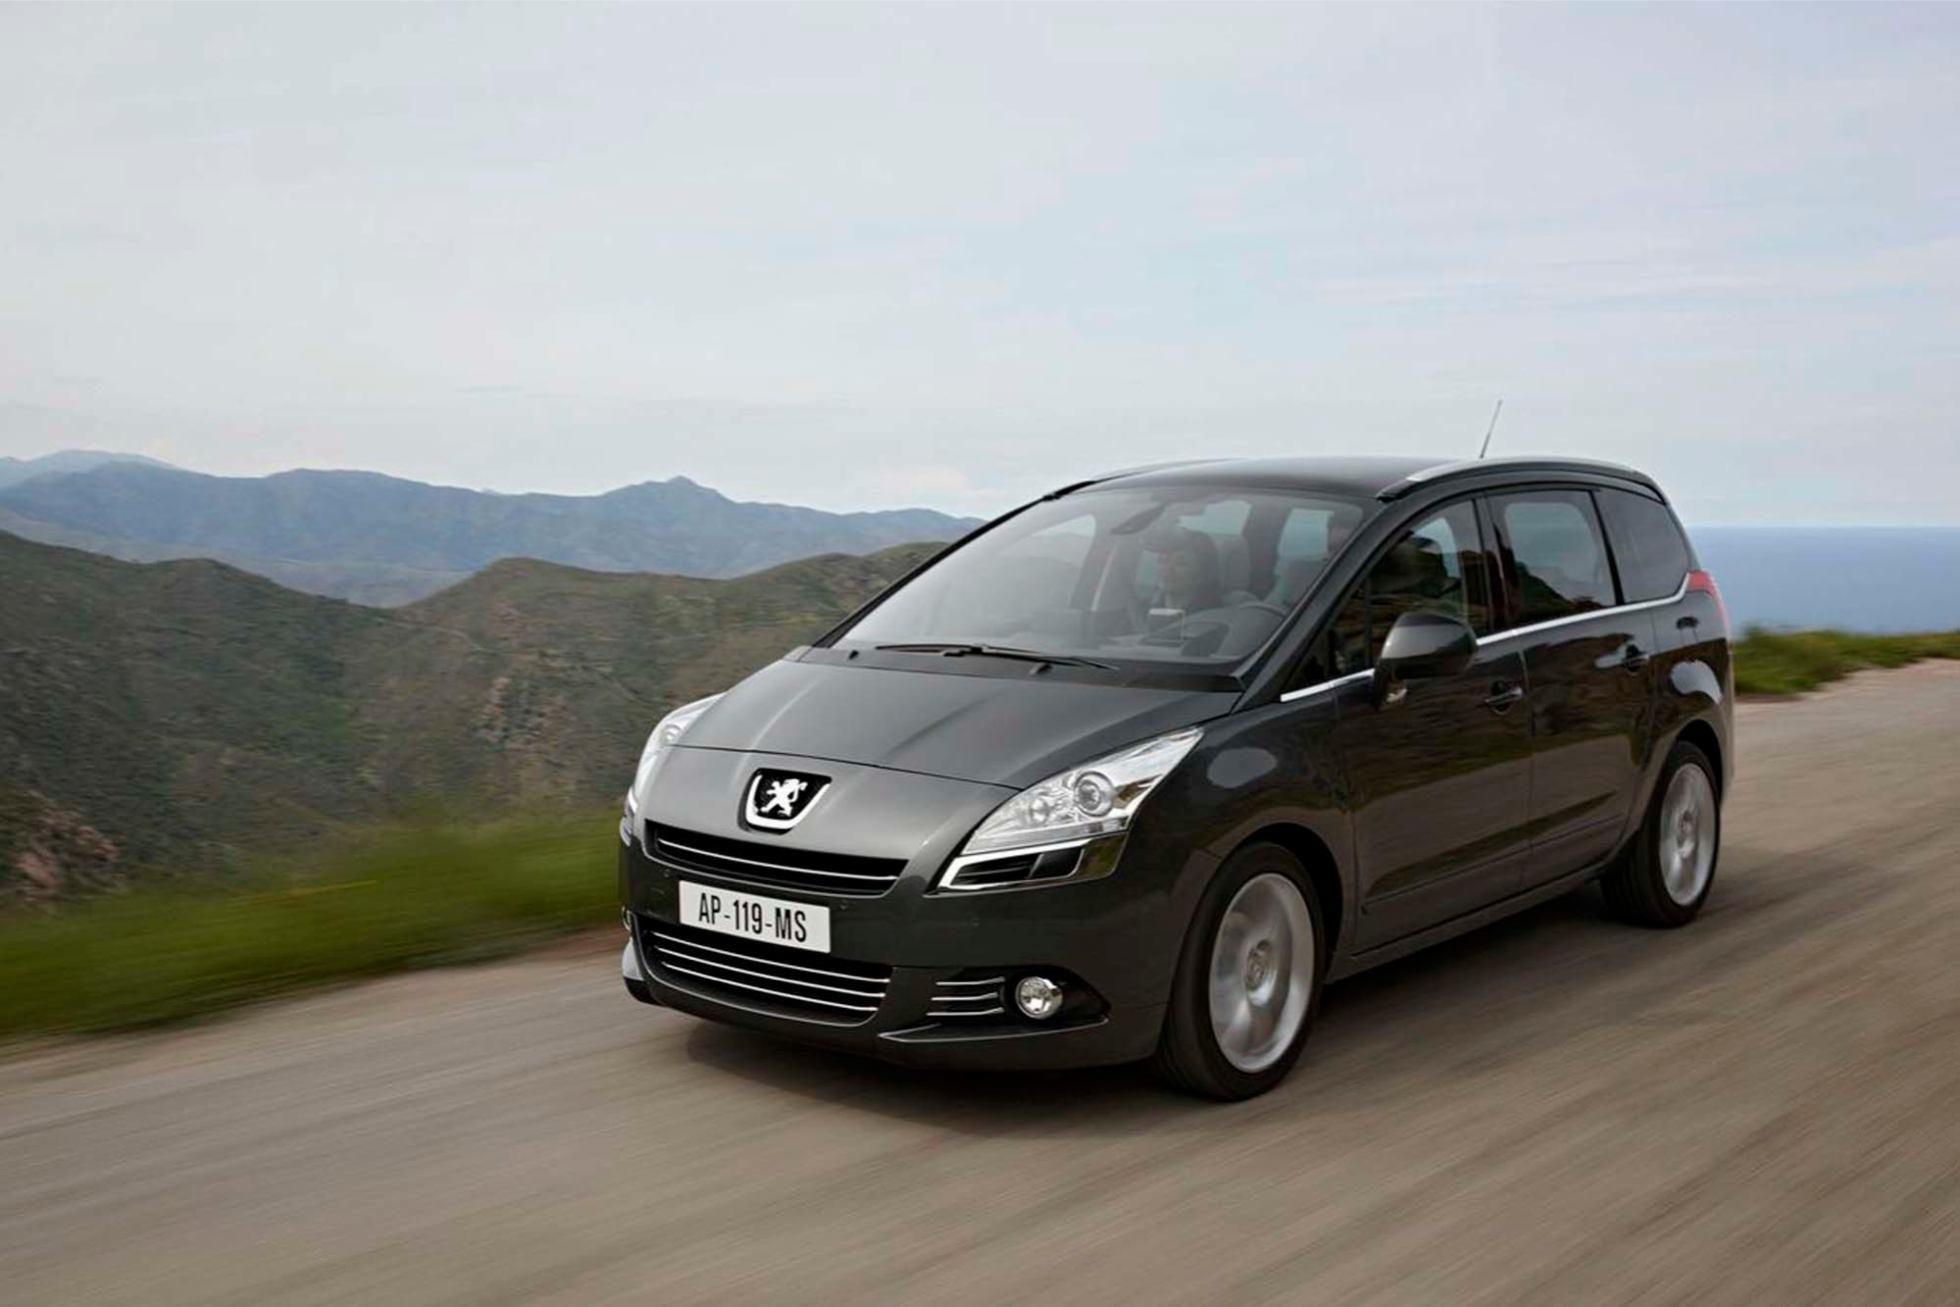 Peugeot  5008    http://www.voiturepourlui.com/images/Peugeot//Exterieur/Peugeot_5008_007.jpg